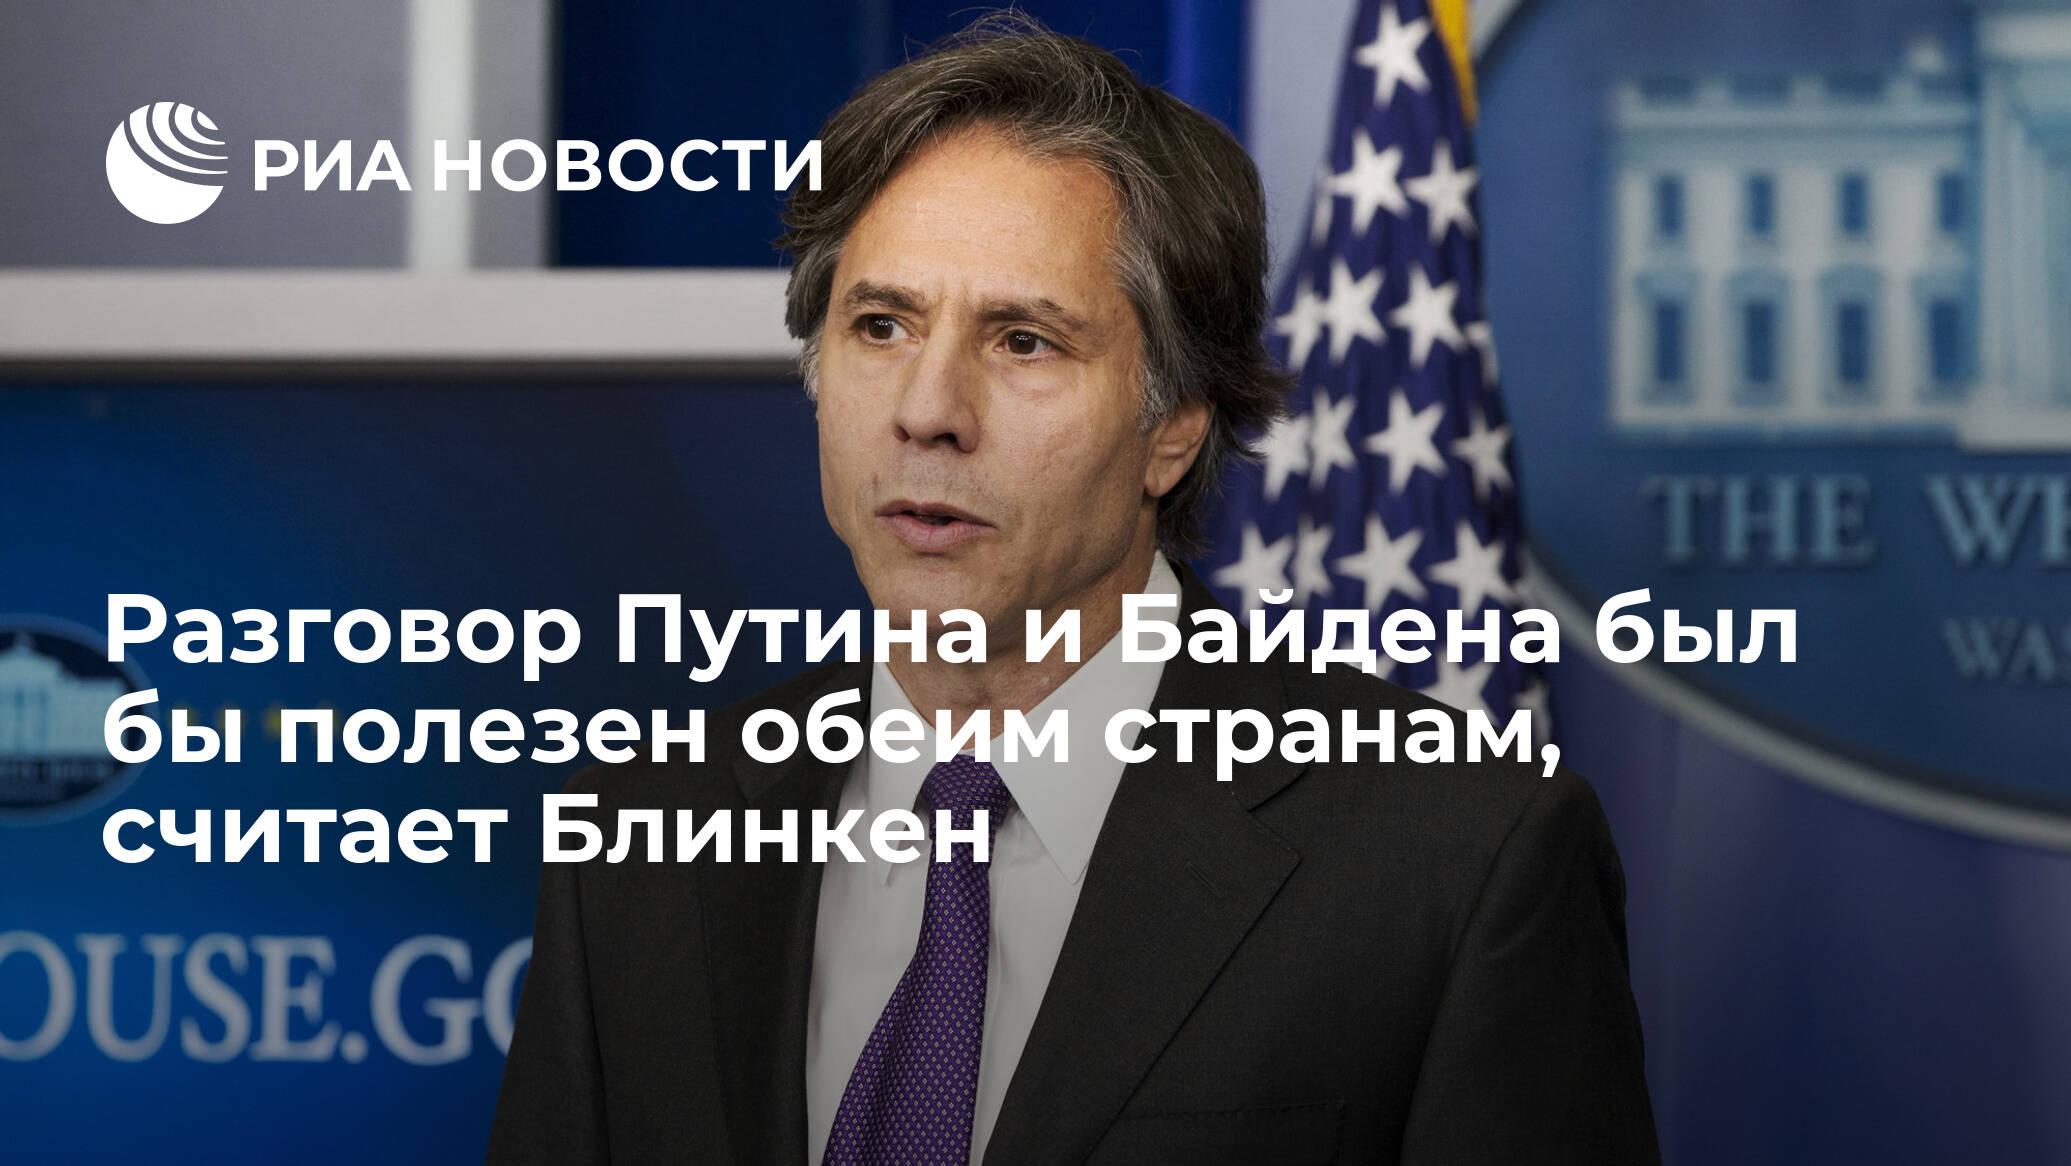 Разговор Путина и Байдена был бы полезен обеим странам, считает Блинкен